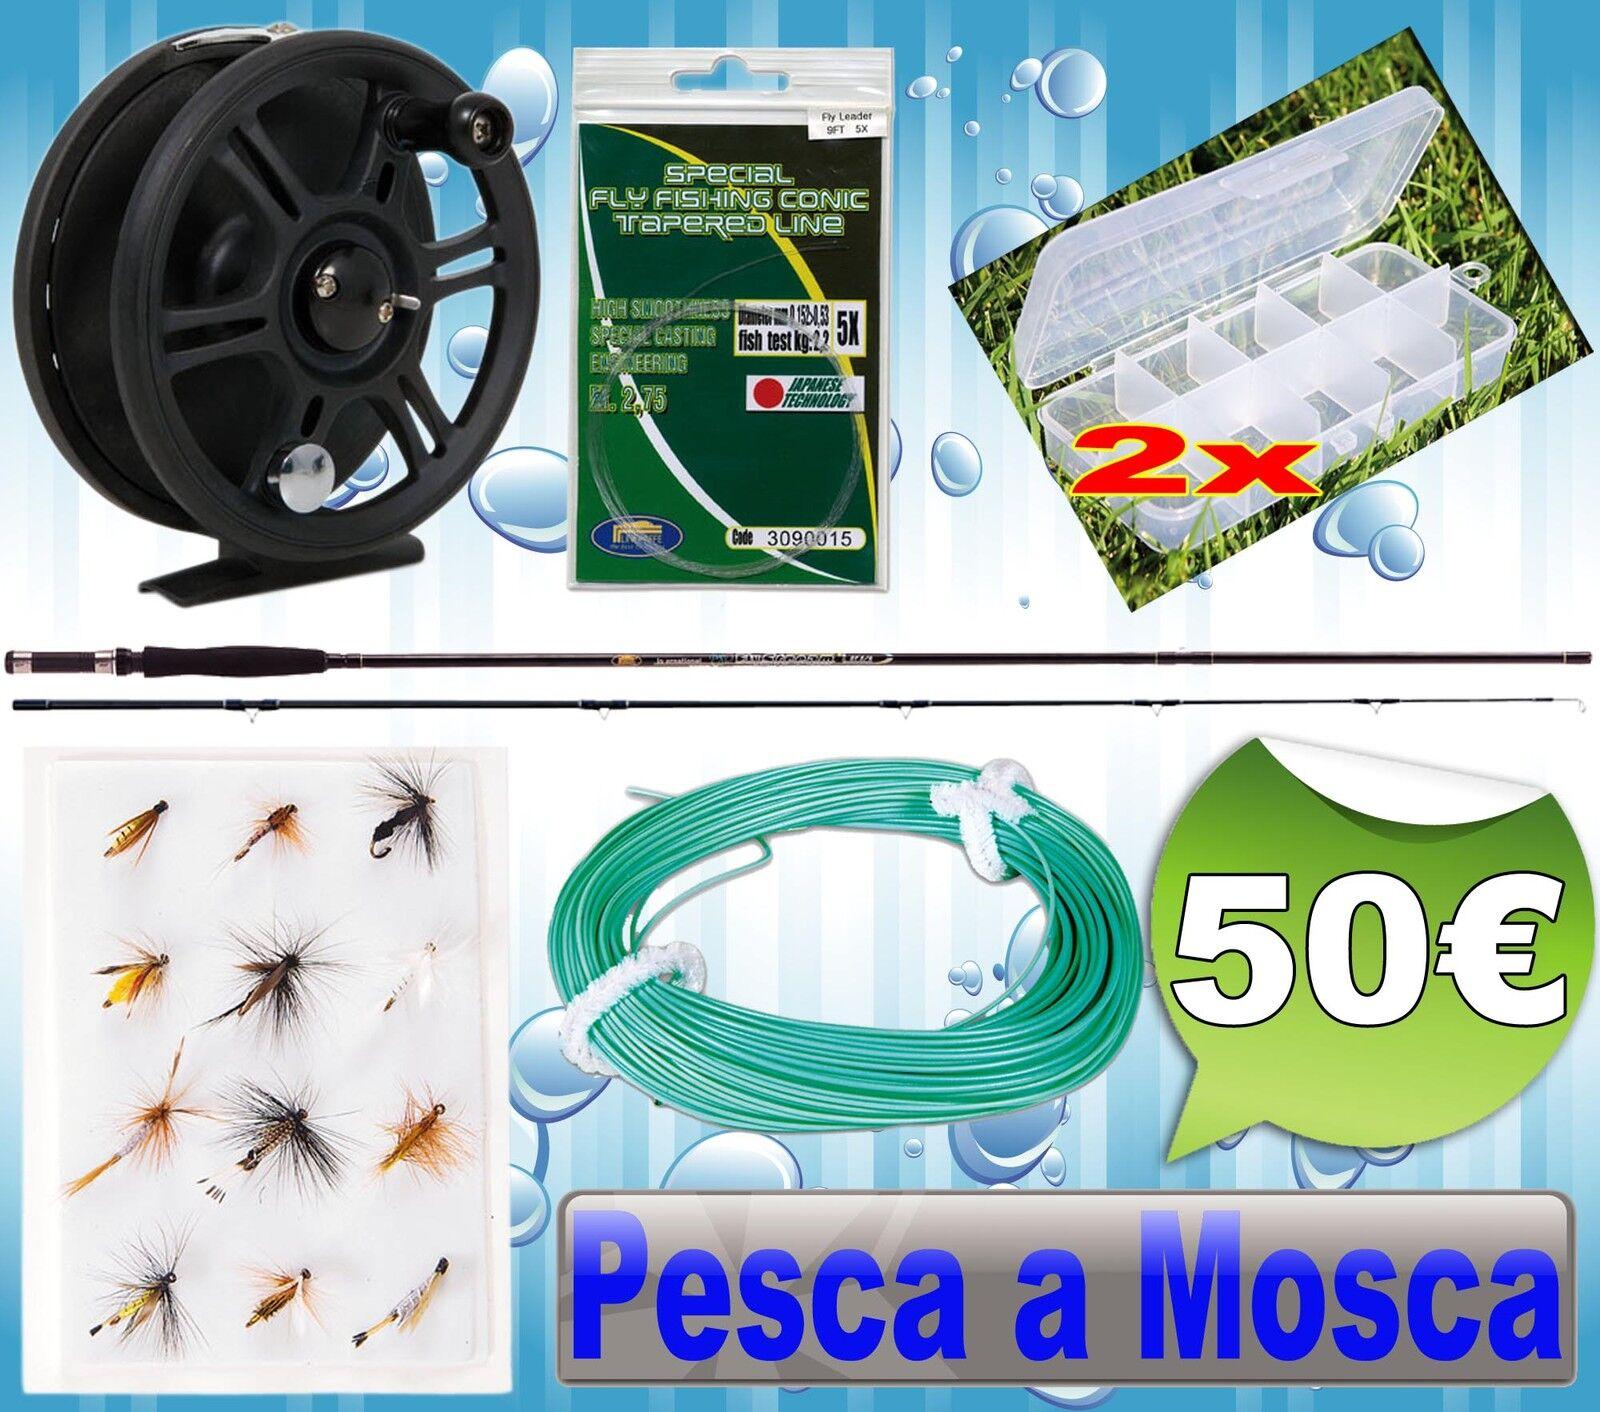 Combo galleggianti pesca a mosca canna mulinello mosche galleggianti Combo PB0163 4115f0